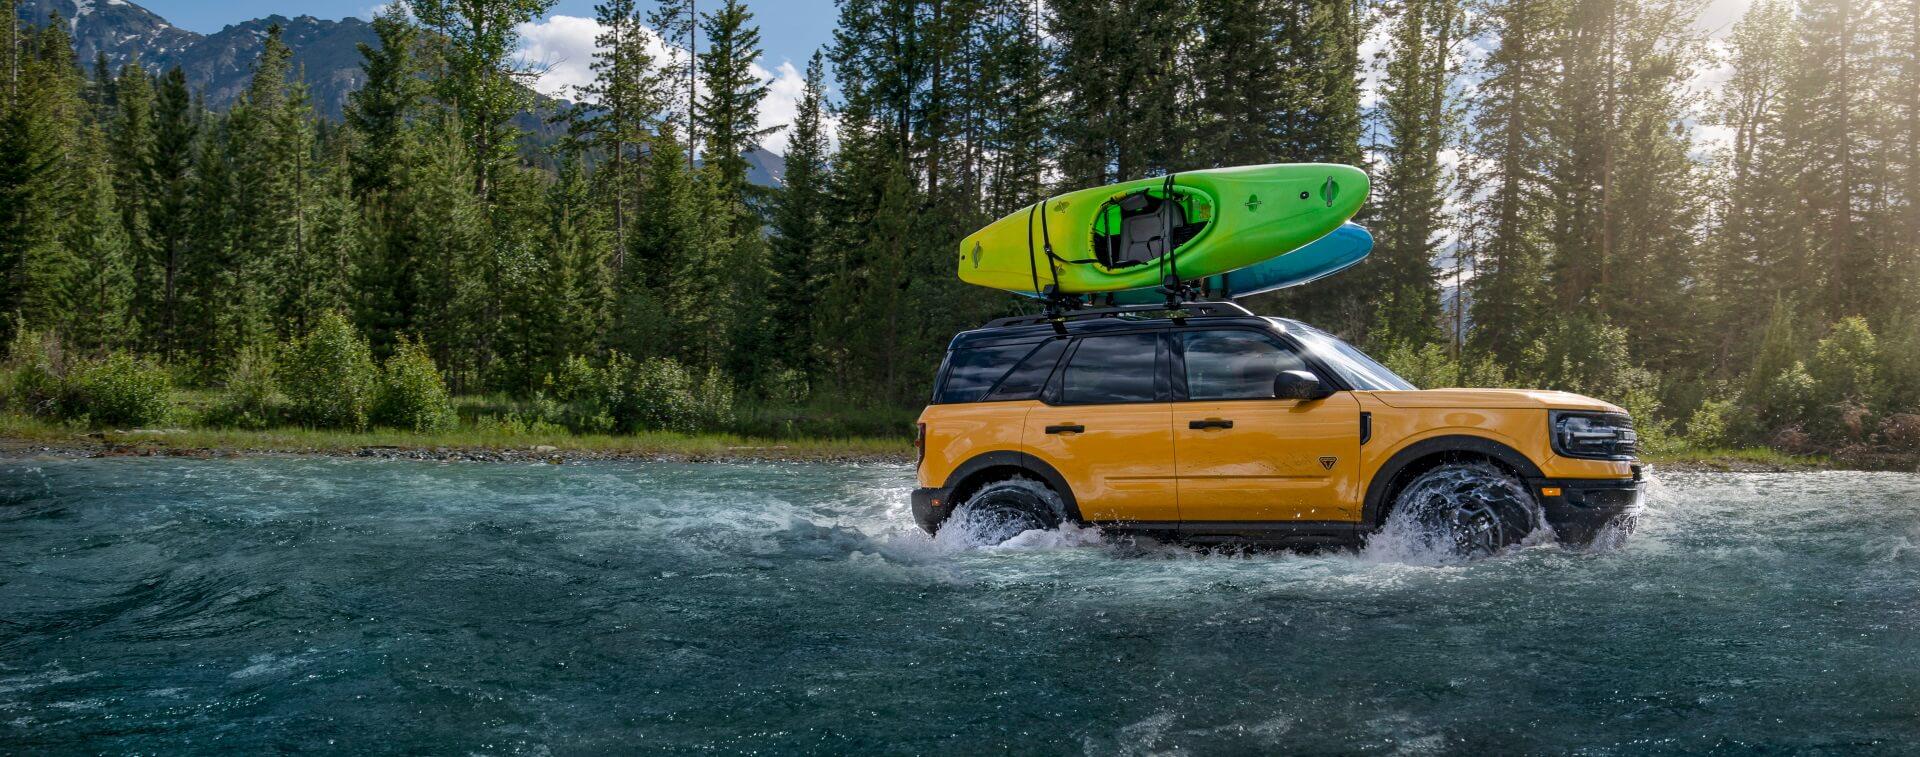 sports vehicle splashing through water